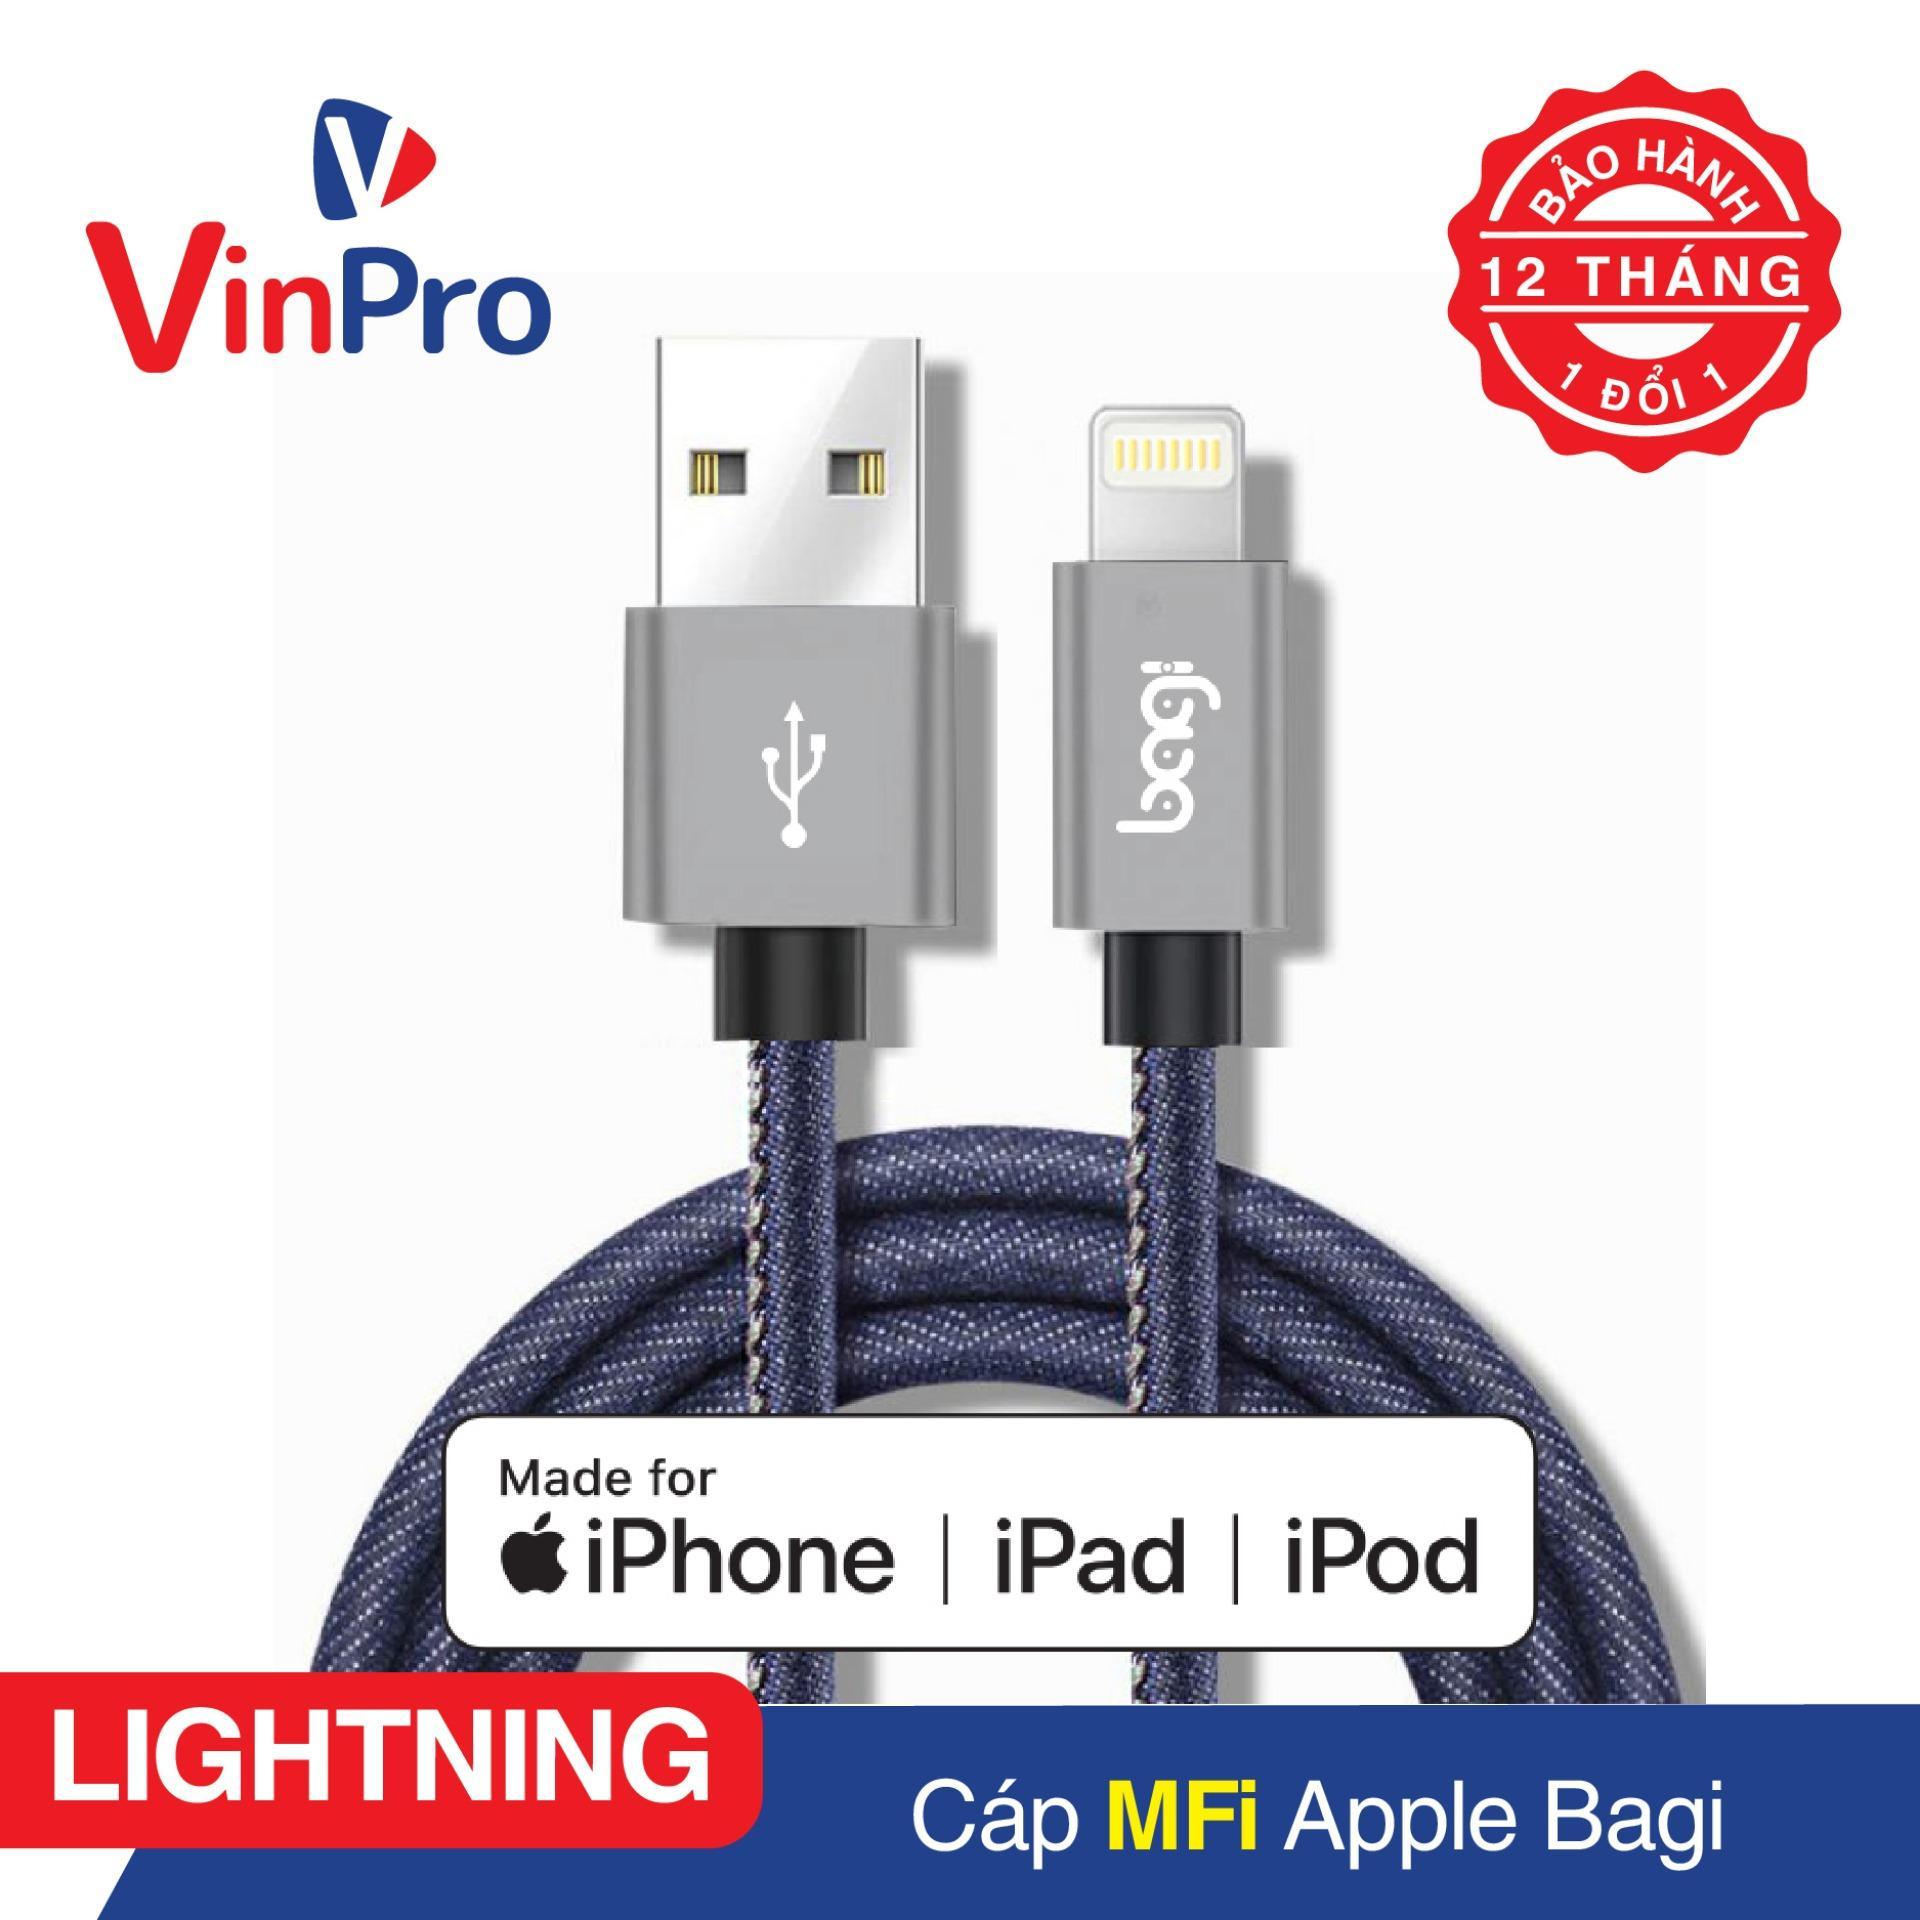 Chiết Khấu Cap Sạc Lightning Bagi Đạt Chuẩn Mfi Apple Dung Cho Iphone 5 5S 6 6S 6Plus 7 7Plus 8 8Plus Iphone X Ipad Ipod Bắc Giang